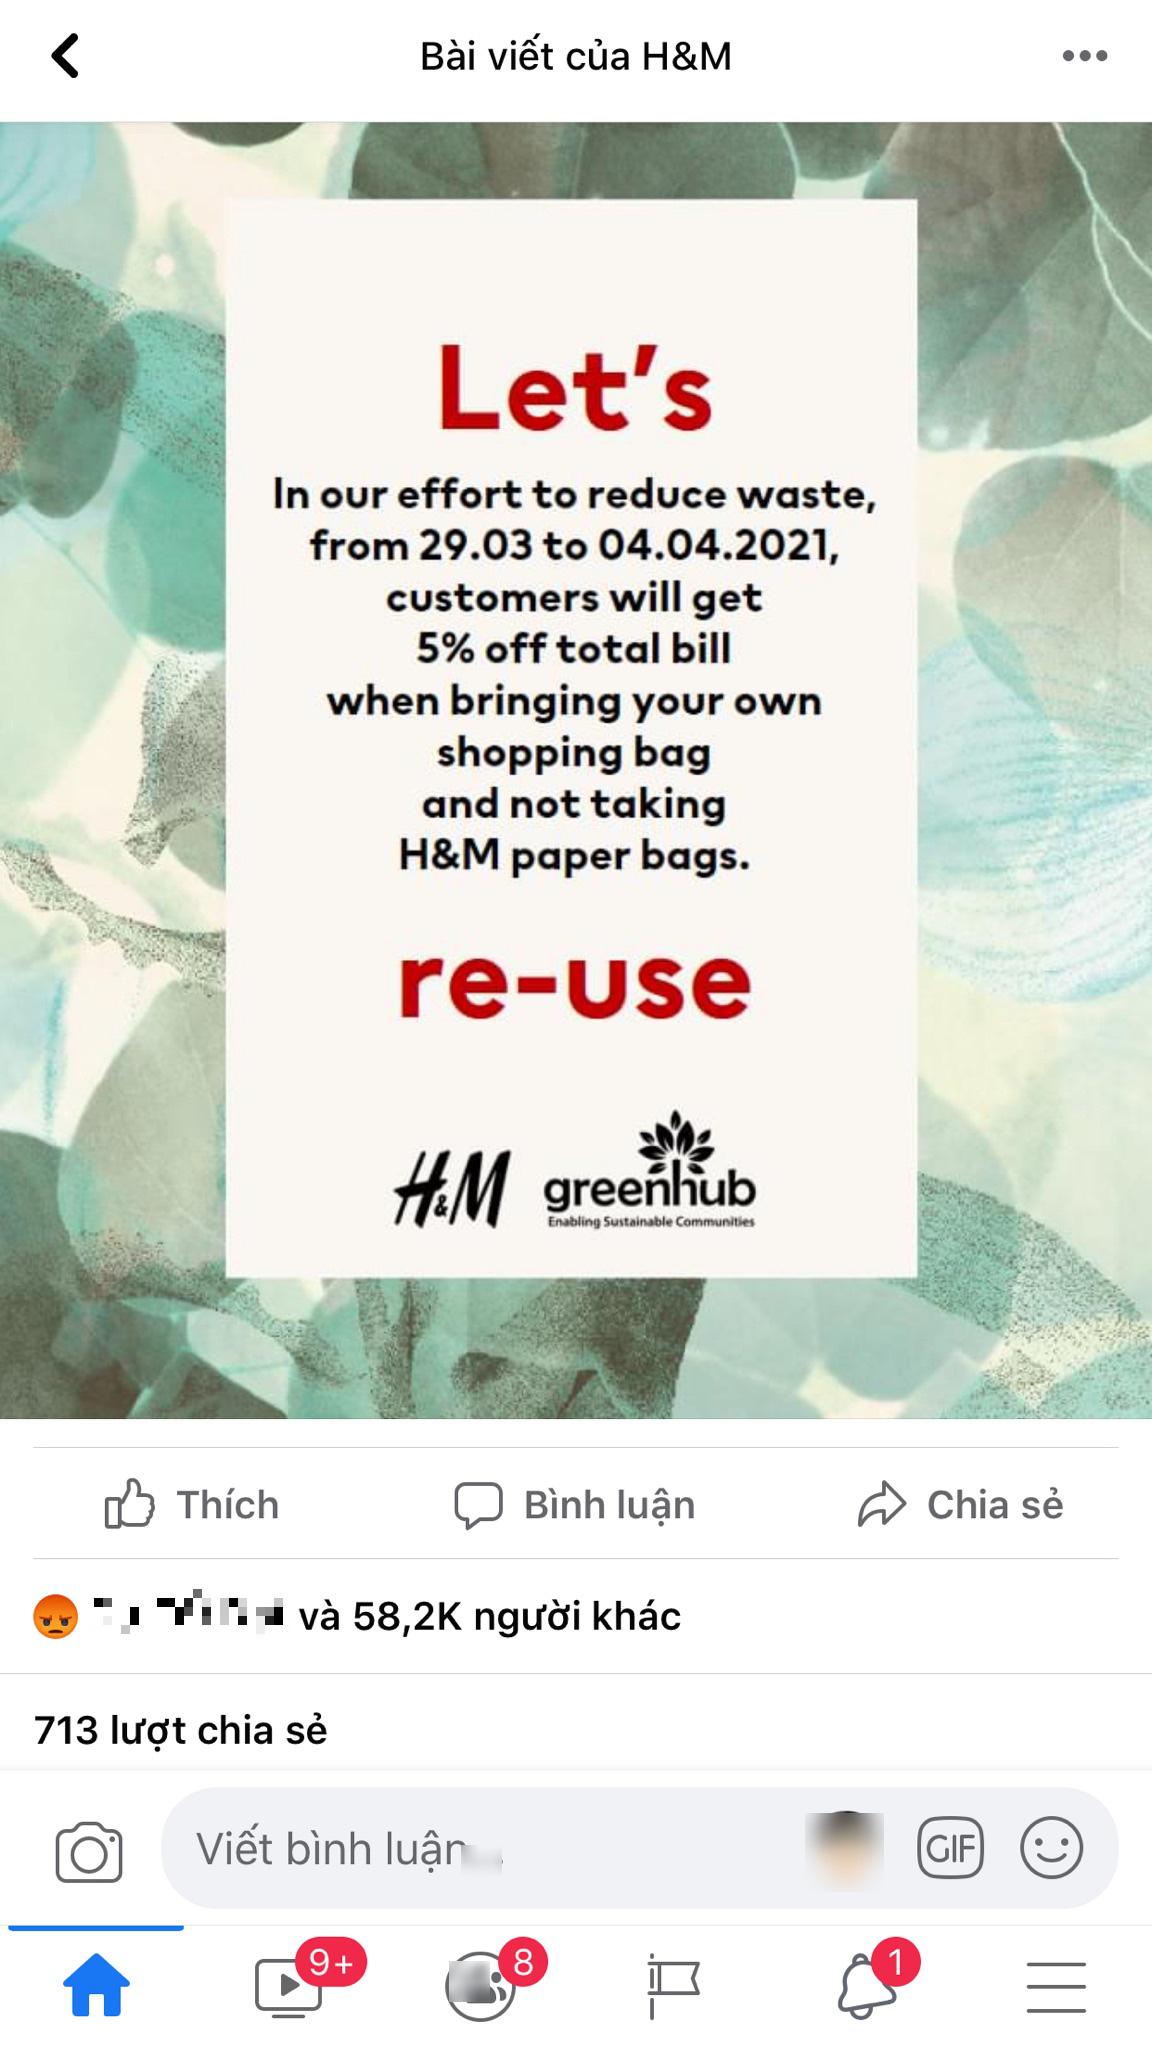 Cộng đồng mạng Việt Nam phẫn nộ, đòi tẩy chay H&M